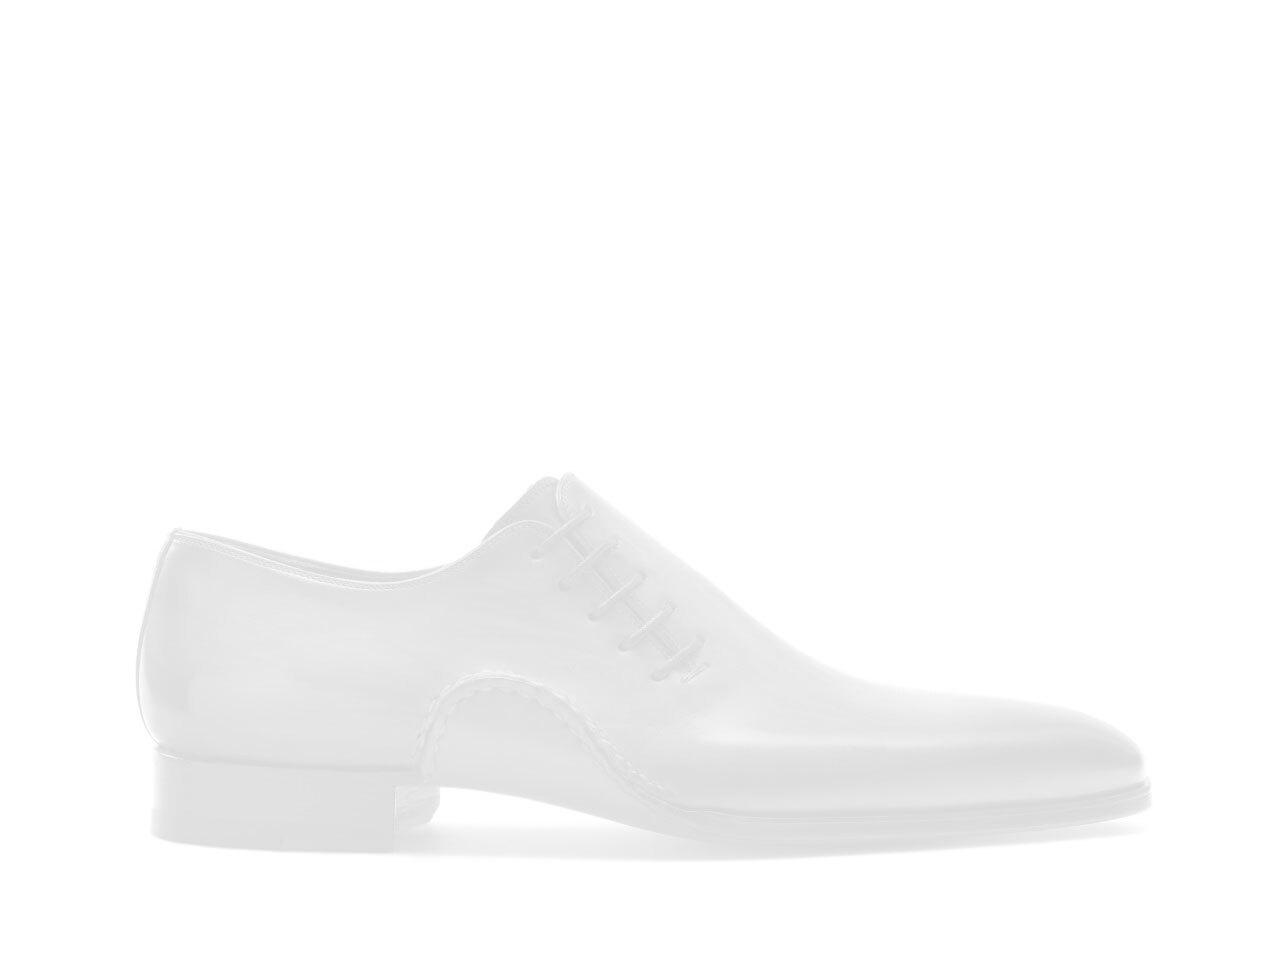 Pair of the Magnanni Saffron Cuero Wide Men's Oxford Shoes